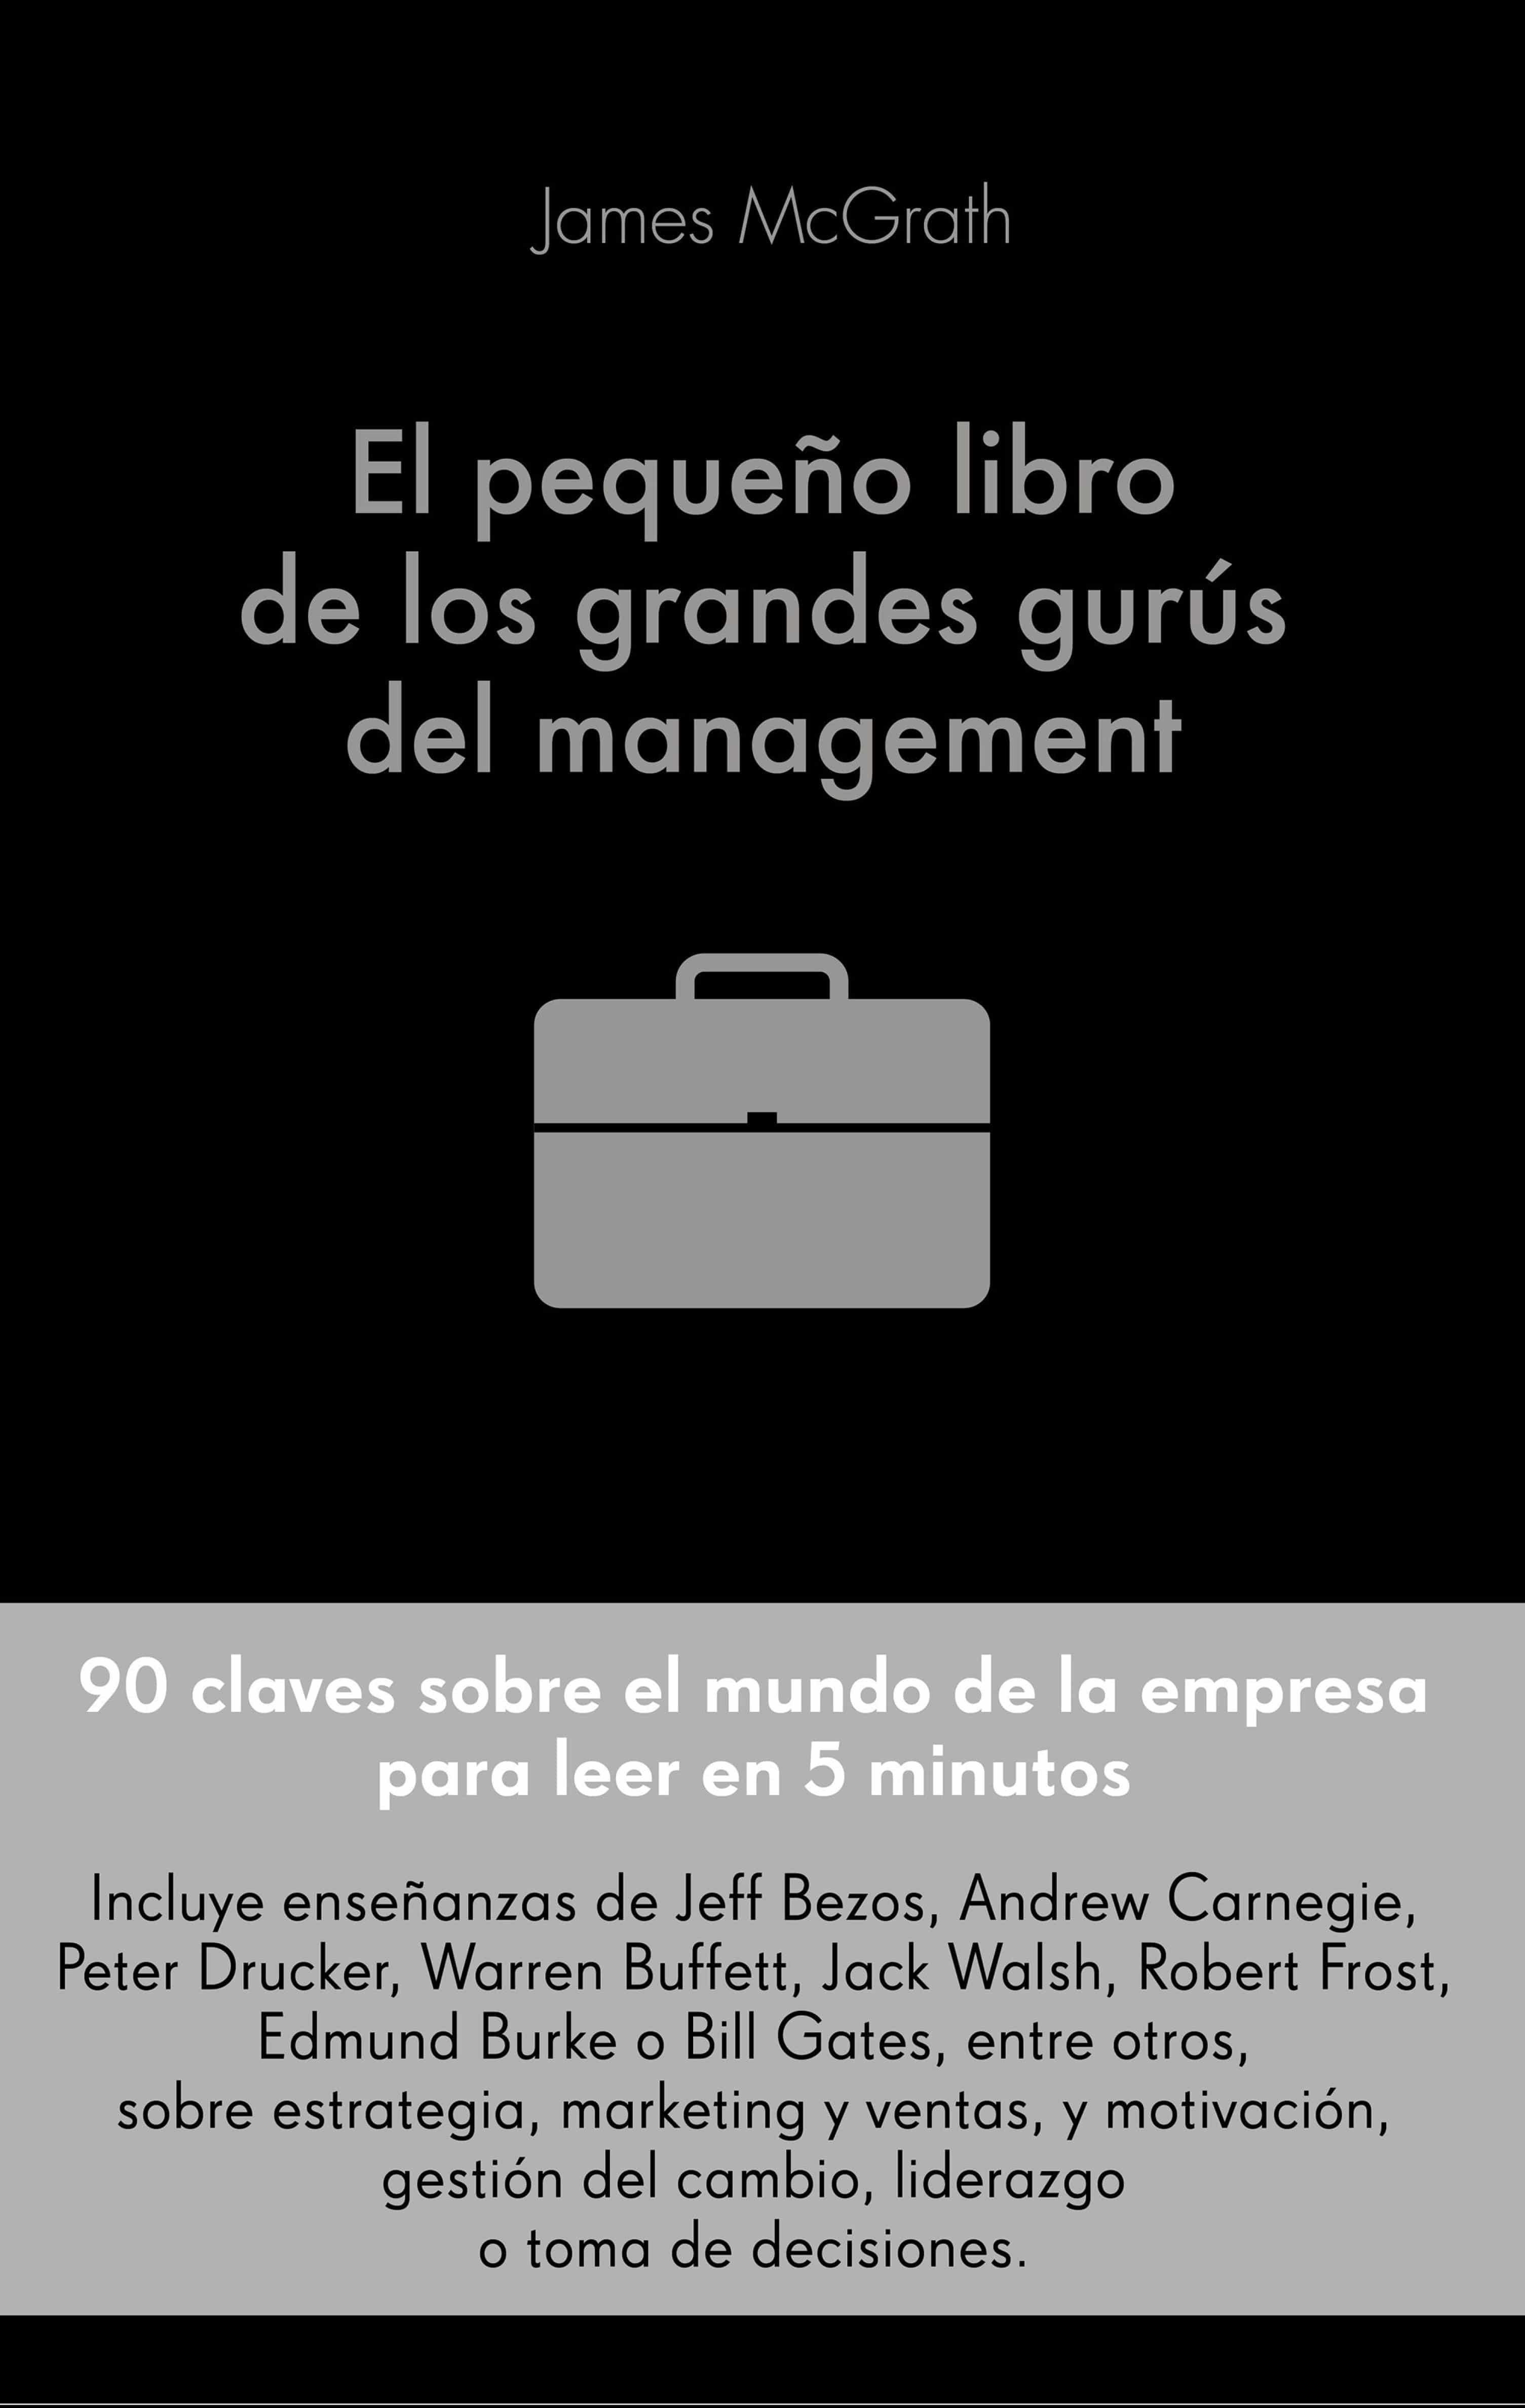 El Pequeño Libro De Los Grandes Gurús Del Management   por Jim Mcgrath